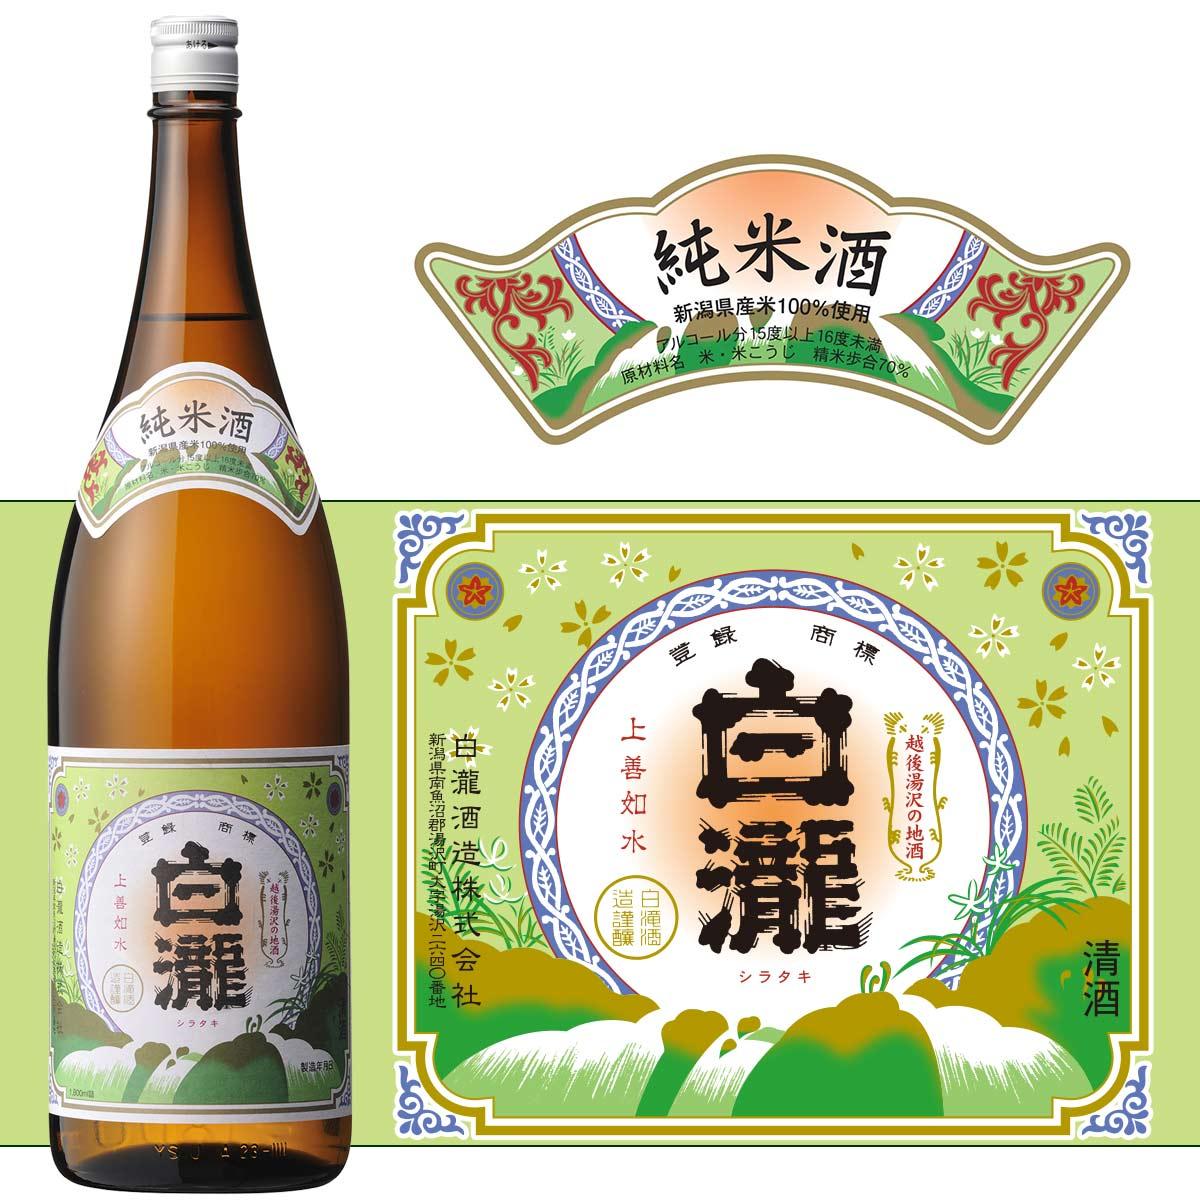 純米酒 日本酒 ギフト 新潟【白瀧酒造】白瀧 純米 1800ml